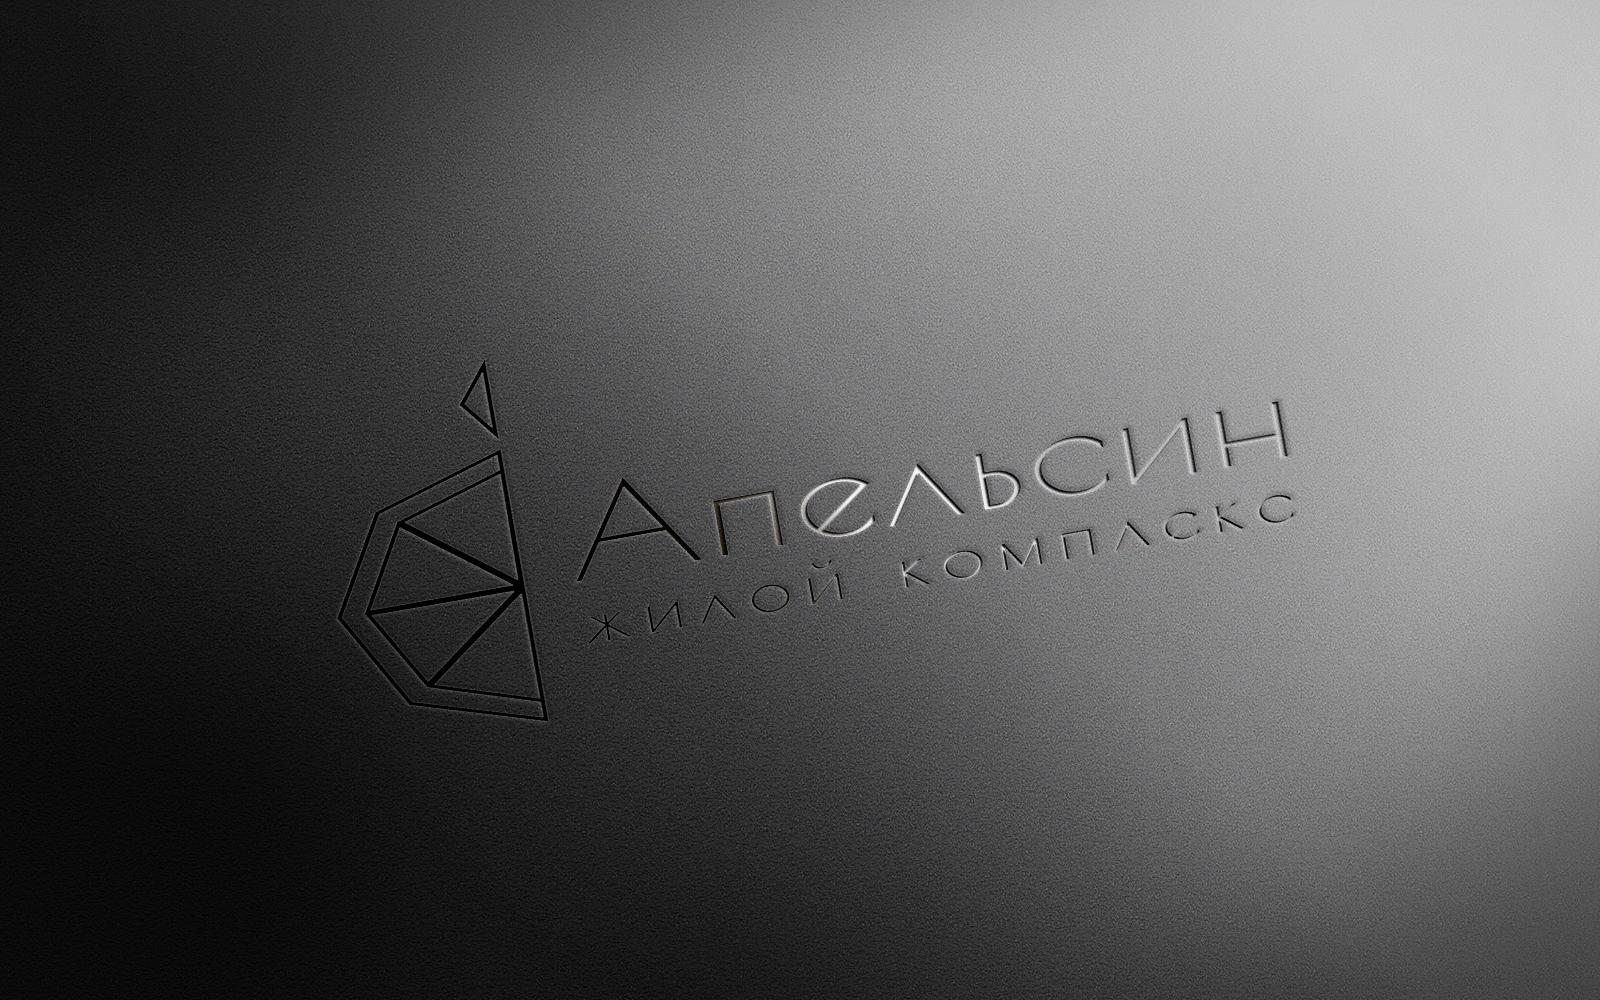 Логотип и фирменный стиль фото f_3625a633f3e584c2.jpg